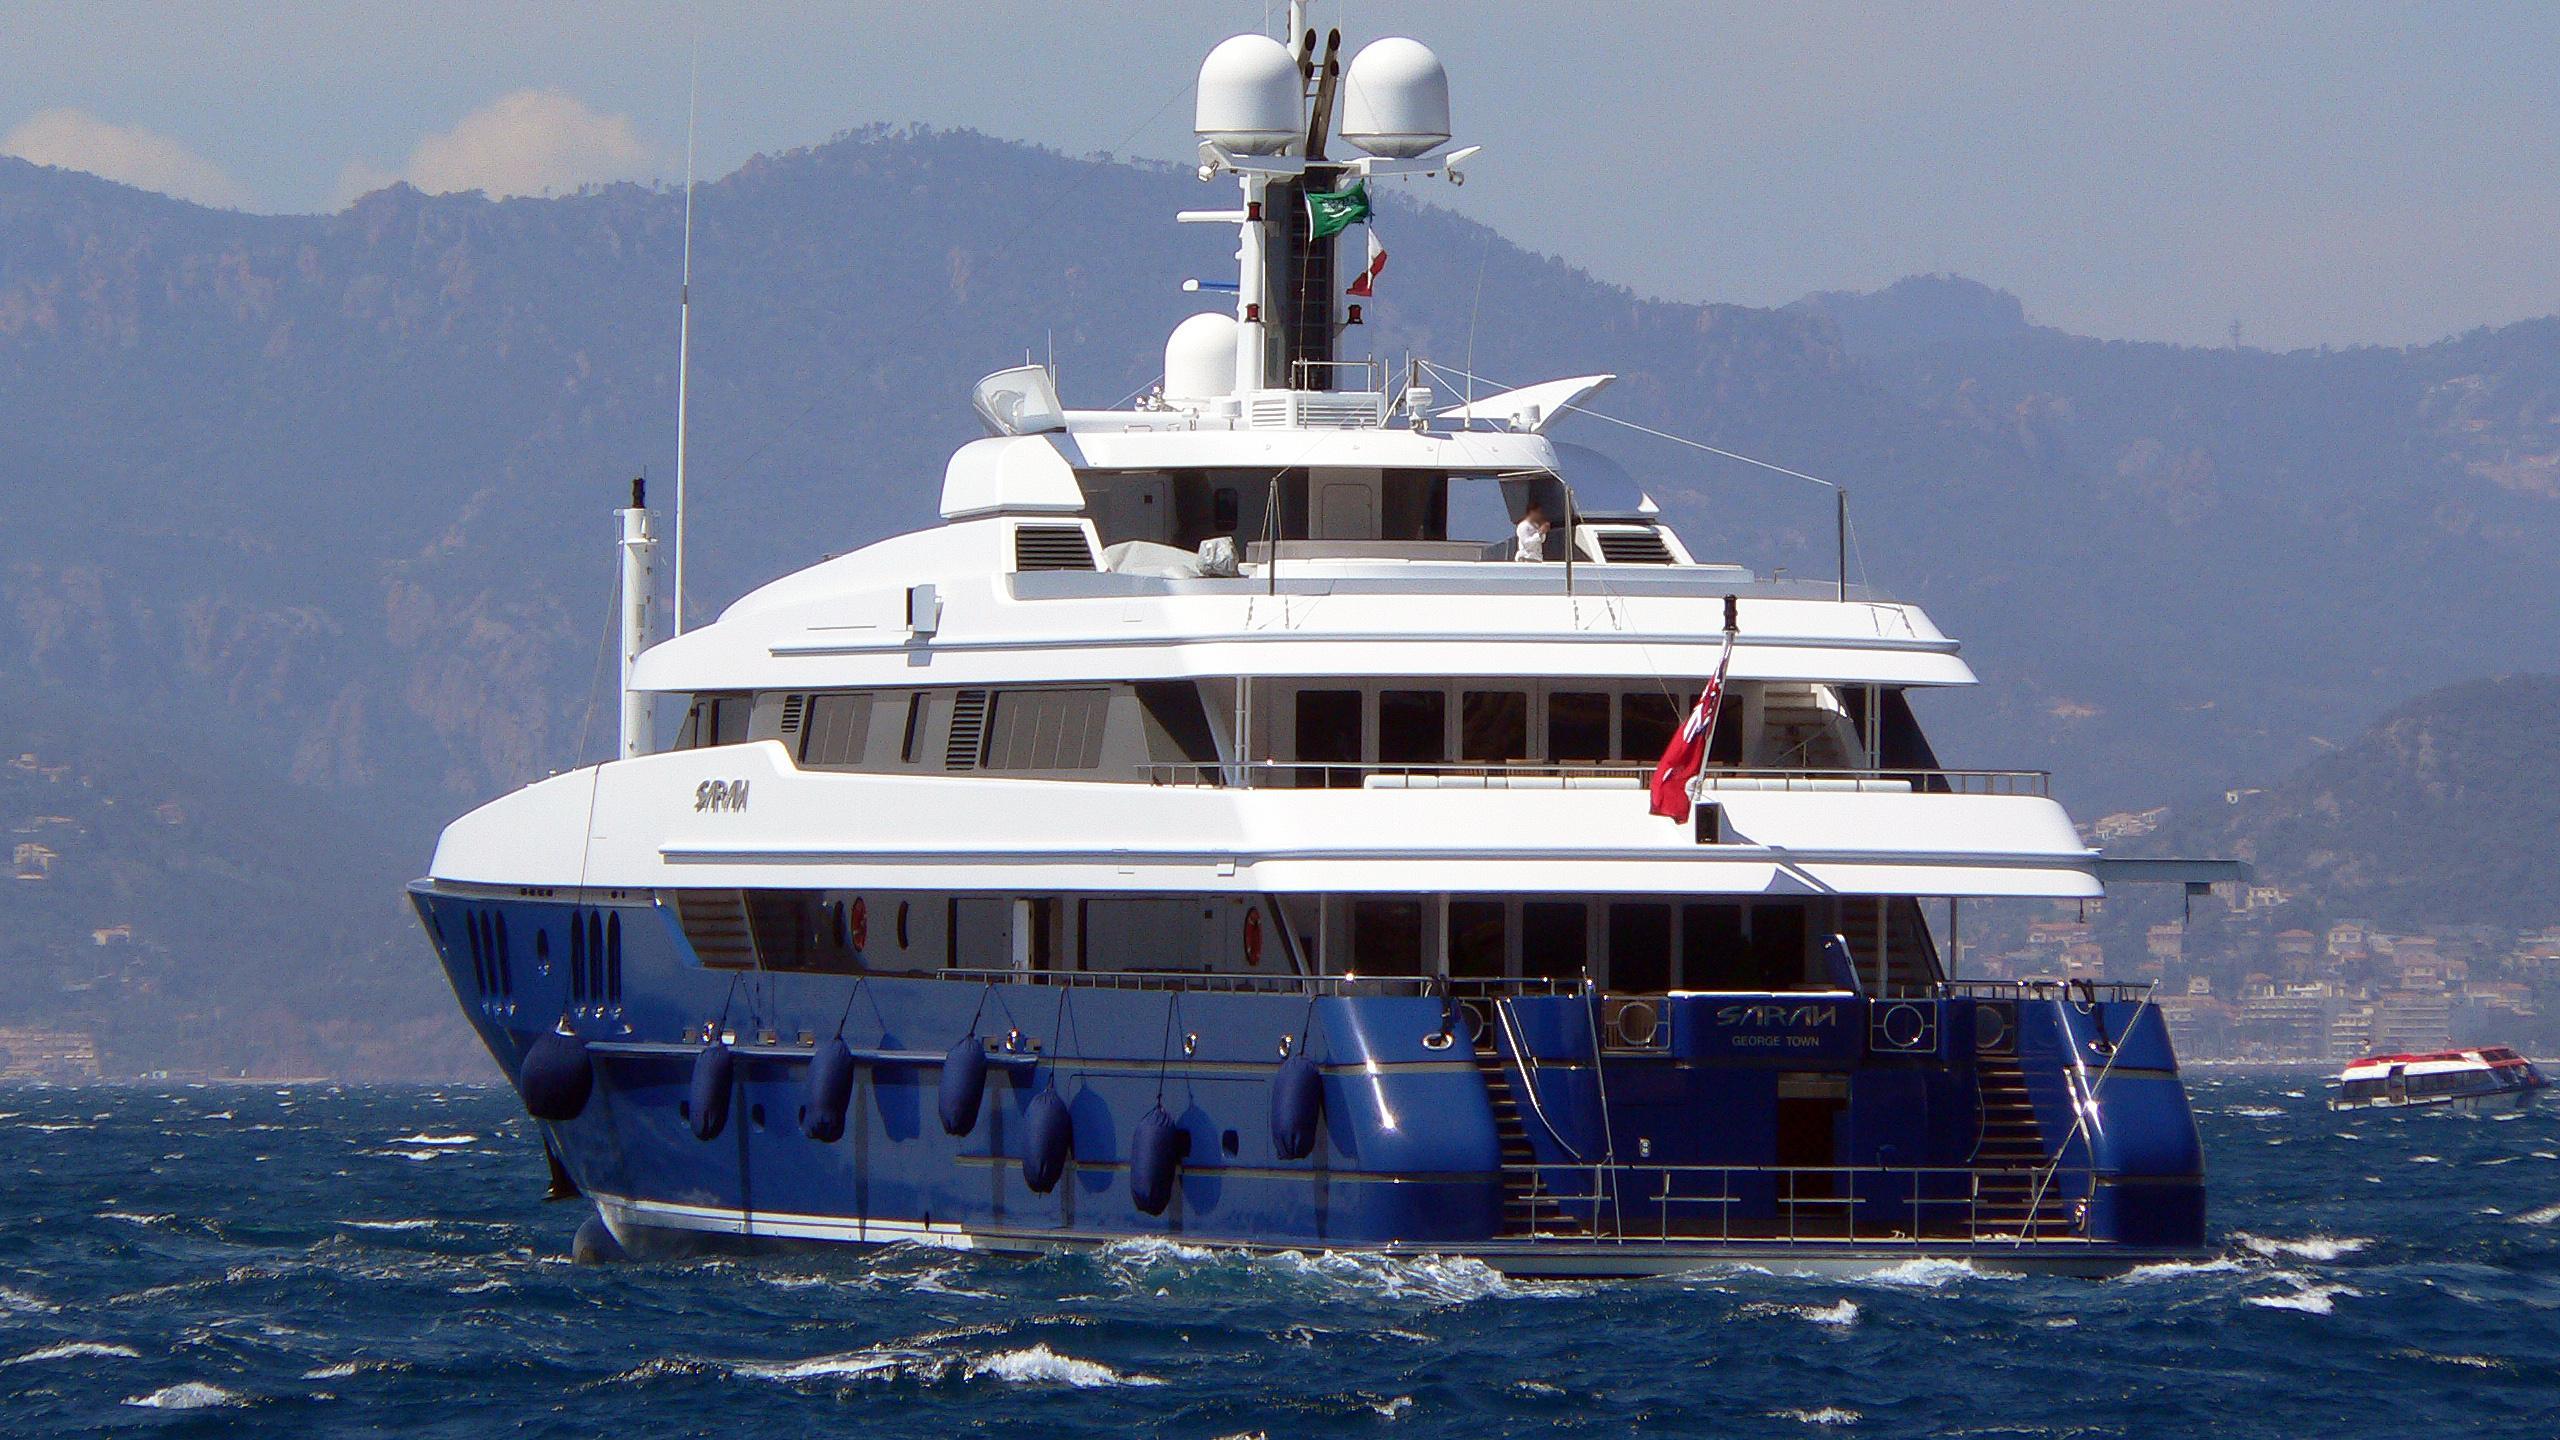 sarah-motor-yacht-amels-2002-62m-stern